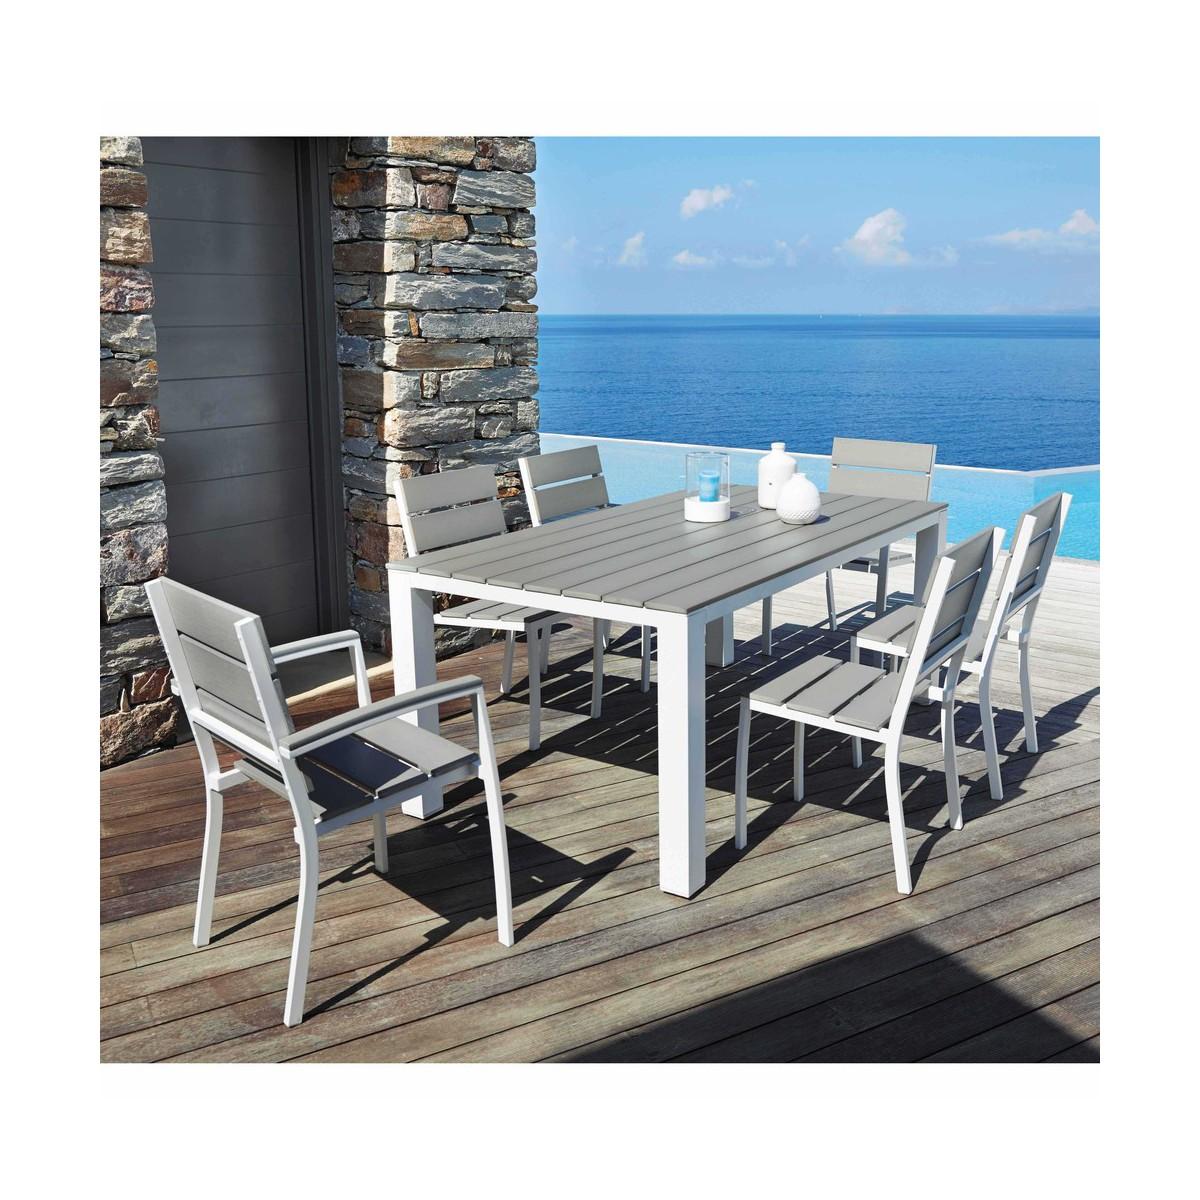 Beautiful salon de jardin bois clair contemporary for Table jardin gris clair